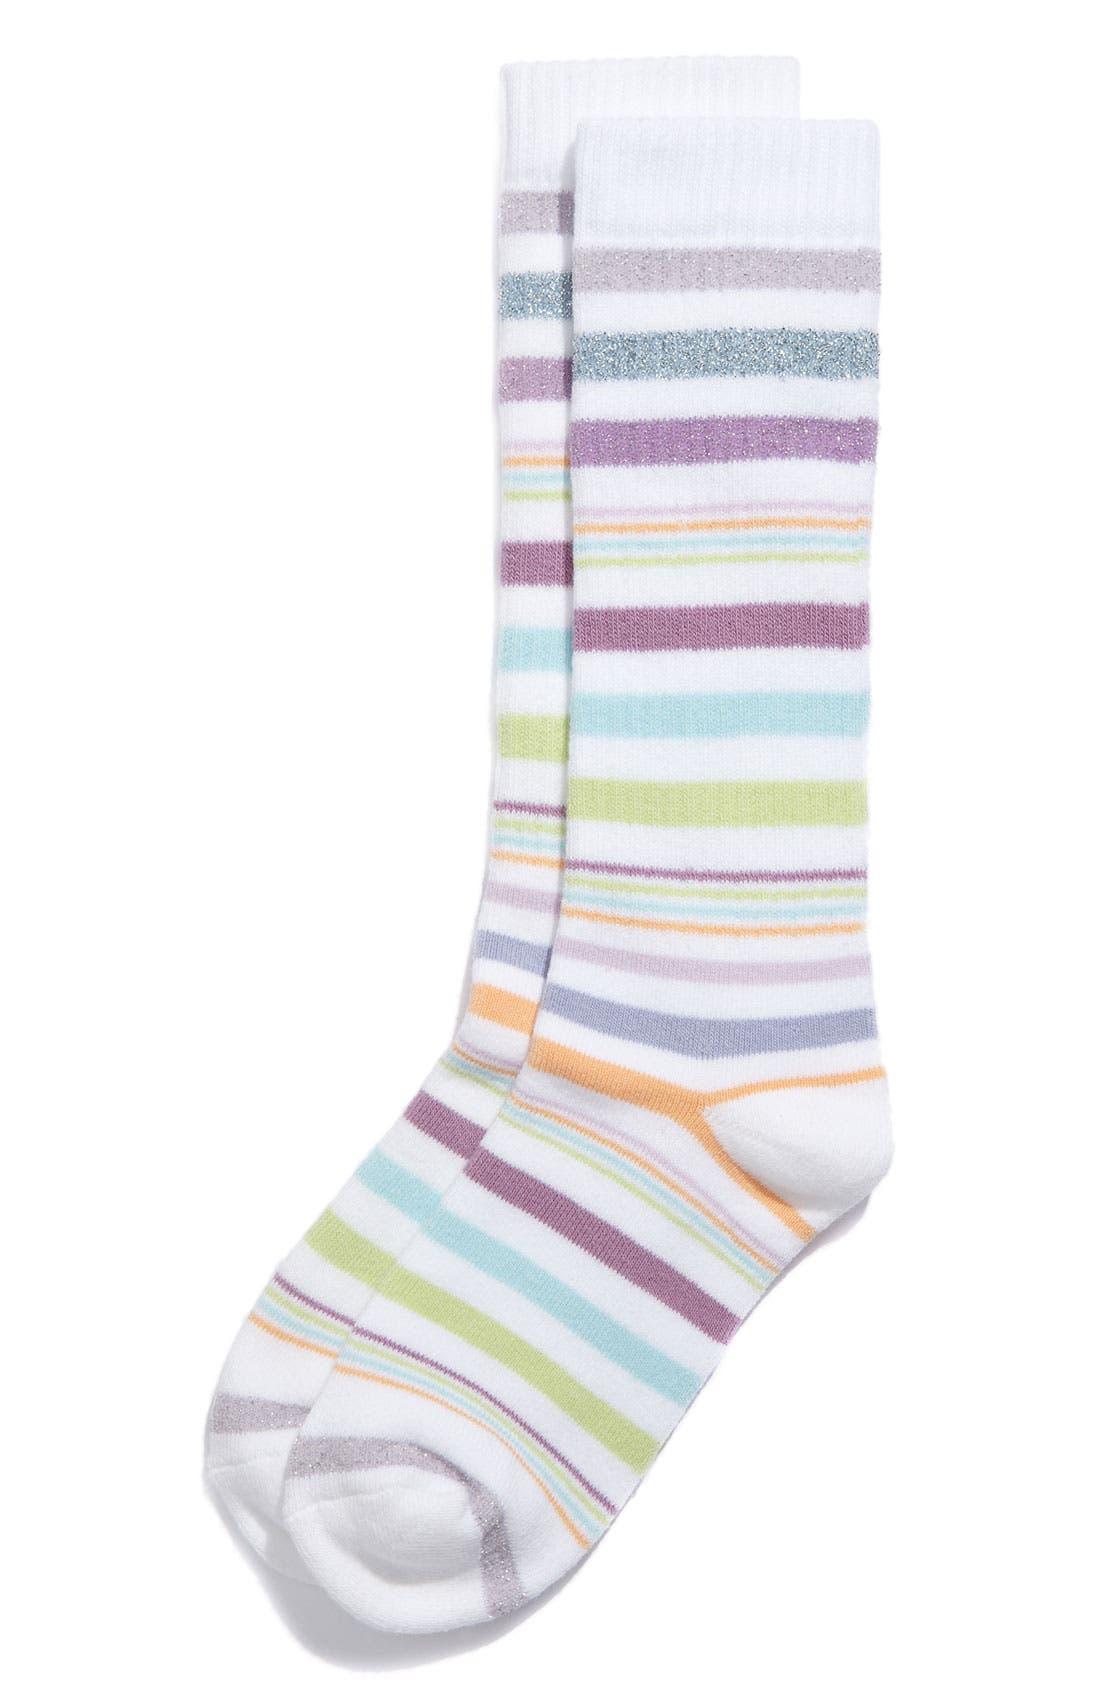 Alternate Image 1 Selected - Nordstrom 'Sporty Stripe' Knee High Socks (Toddler, Little Girls & Big Girls)